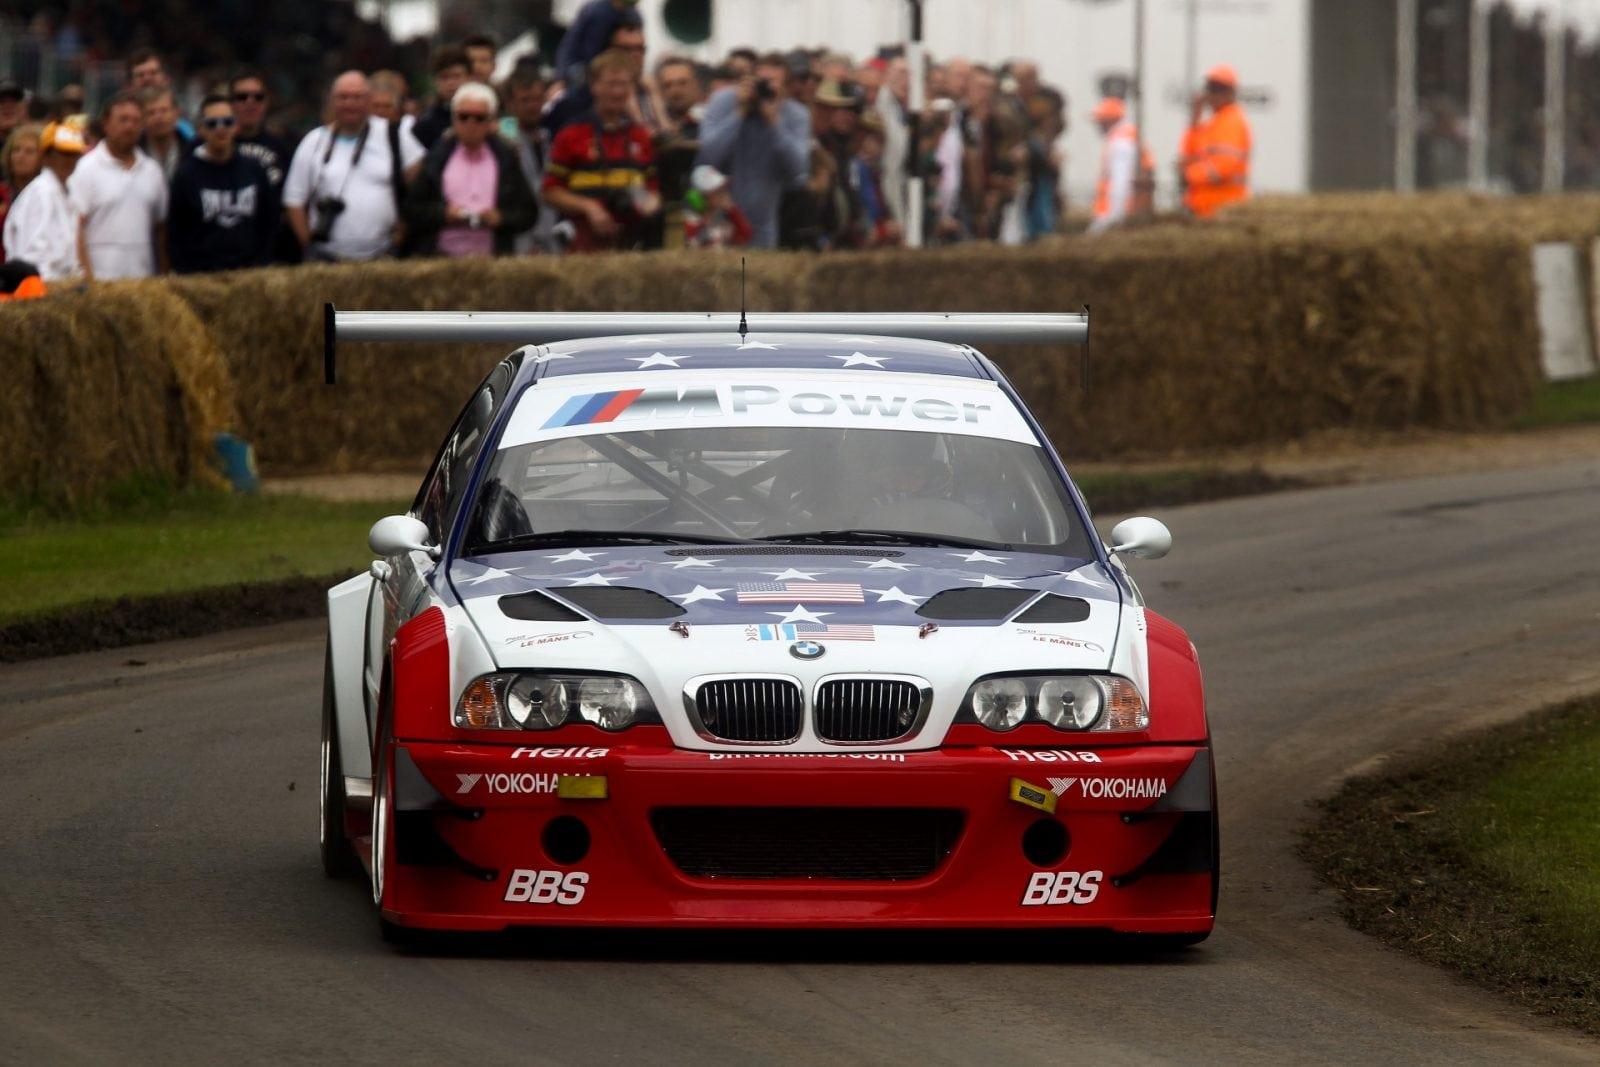 Goodwood Festival of Speed 2016: в Гудвуде можно увидеть цвет мирового автомобилестроения, причем классические BMW (и не только) участвуют в заездах бок о бок с новейшими моделями.